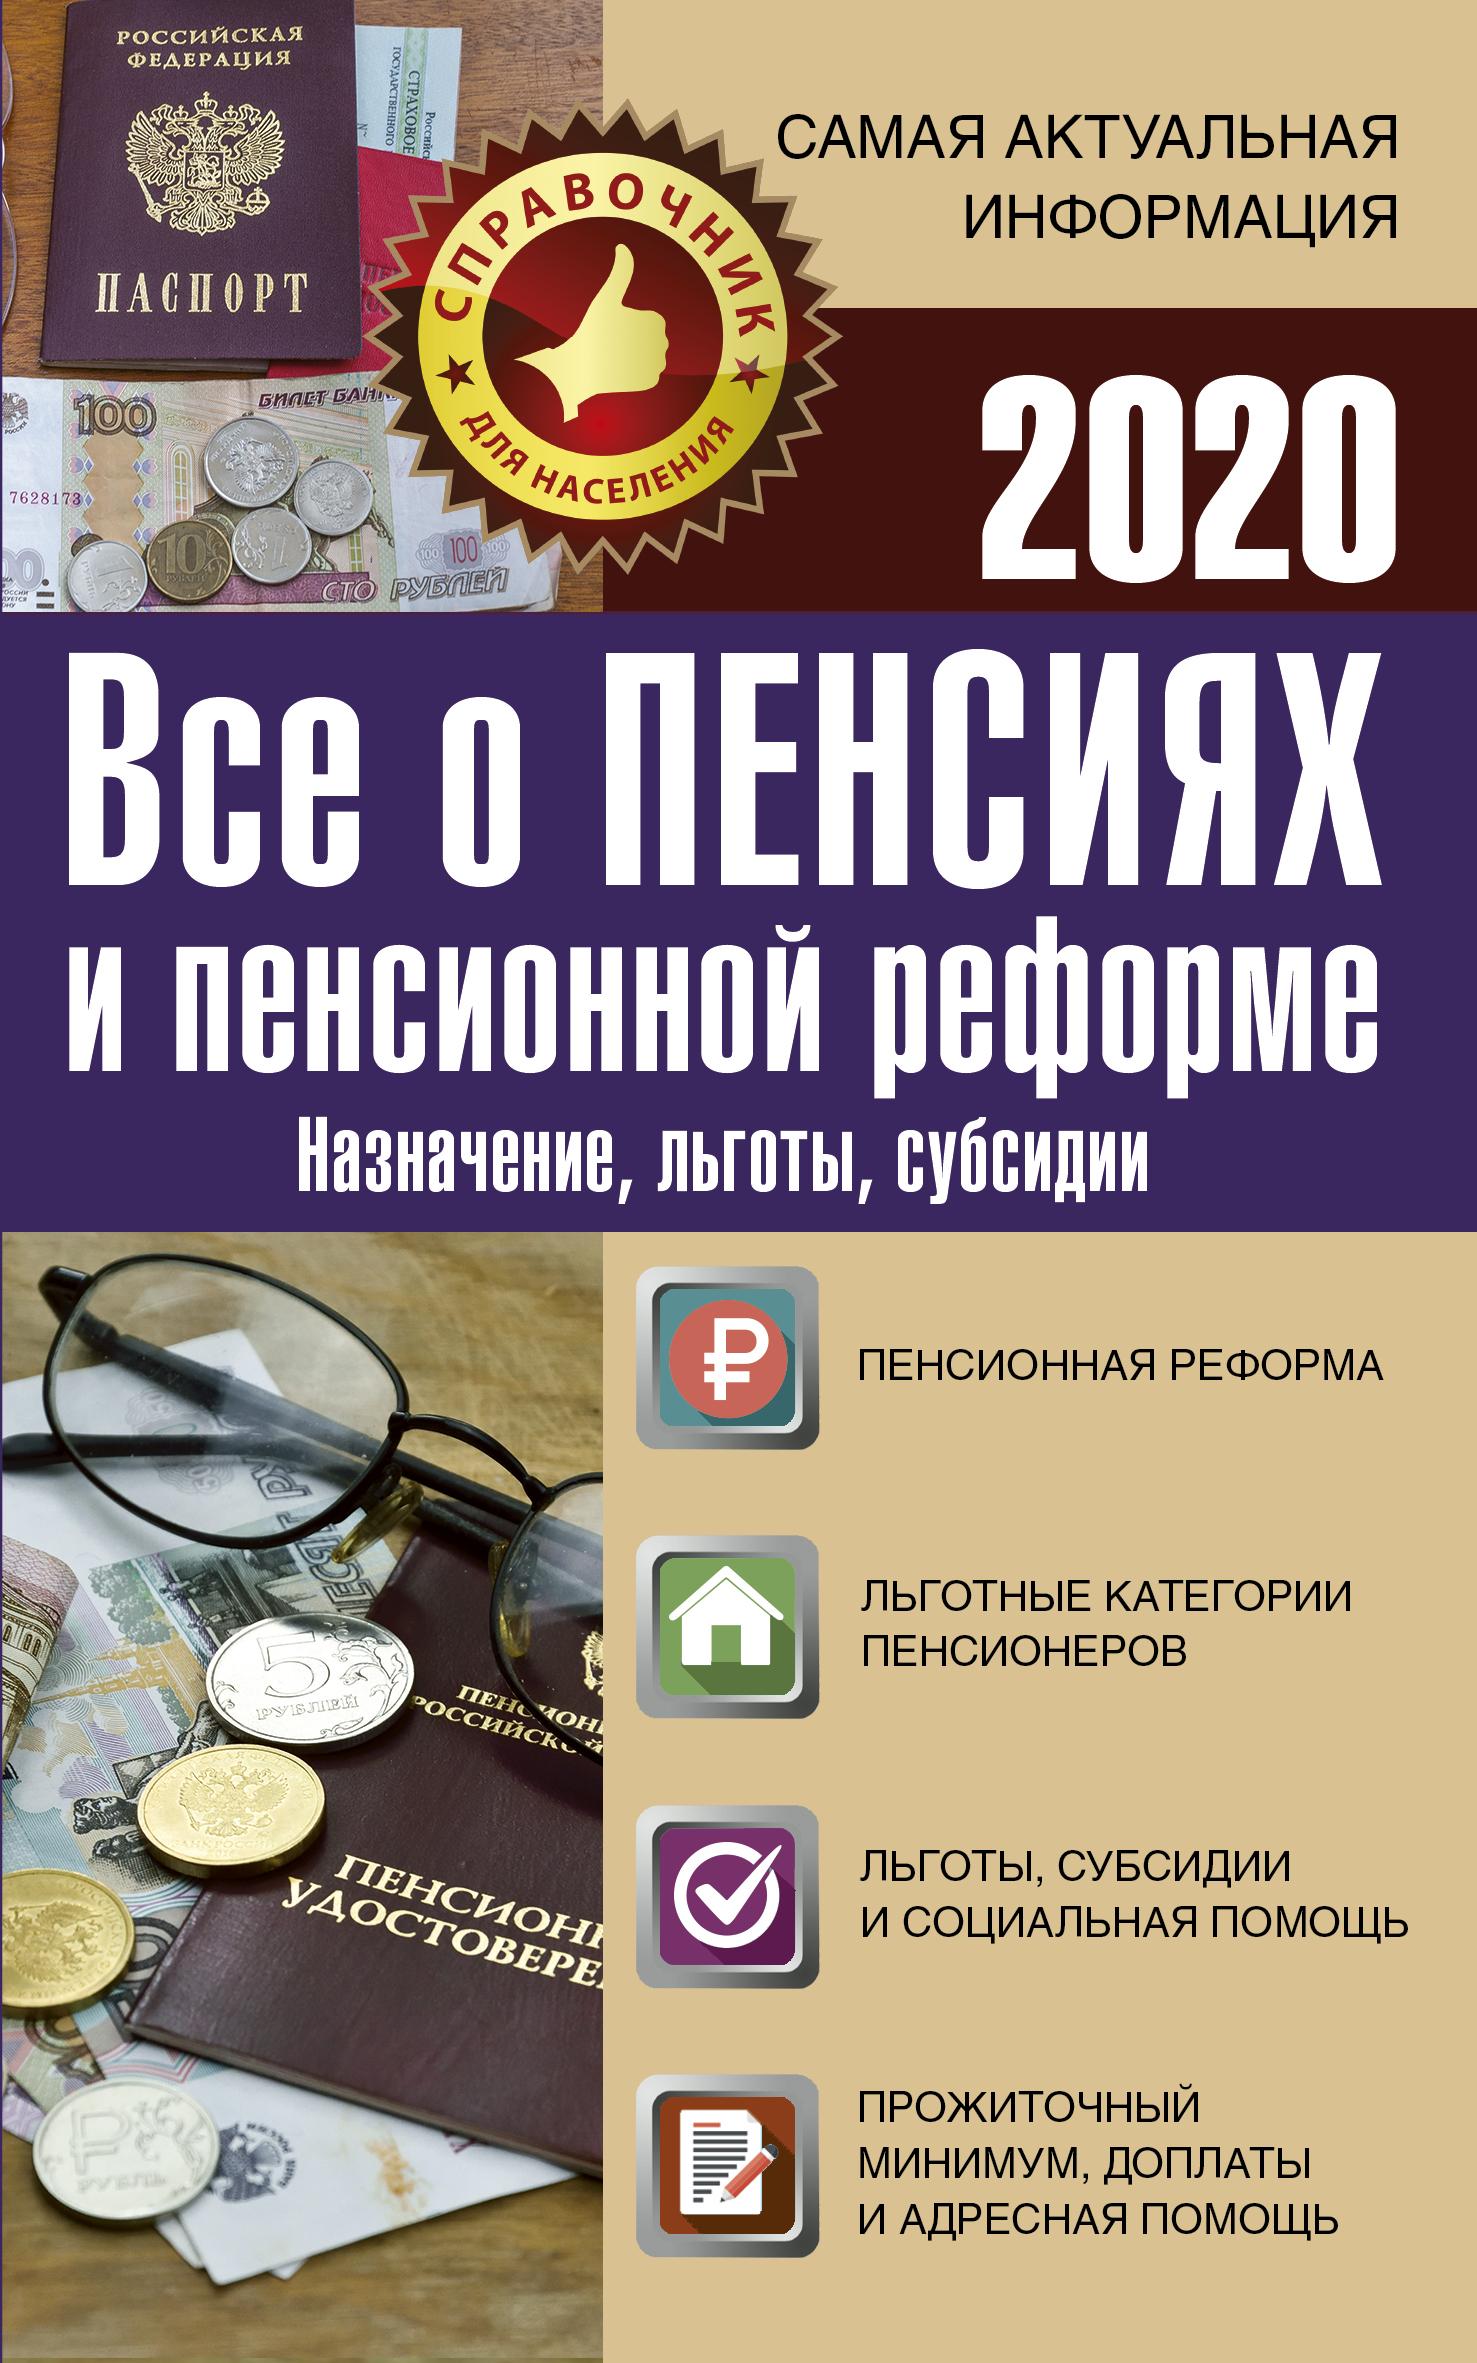 Отсутствует Все о пенсионной реформе на 2019 год отсутствует все о пенсионной реформе на 2019 год